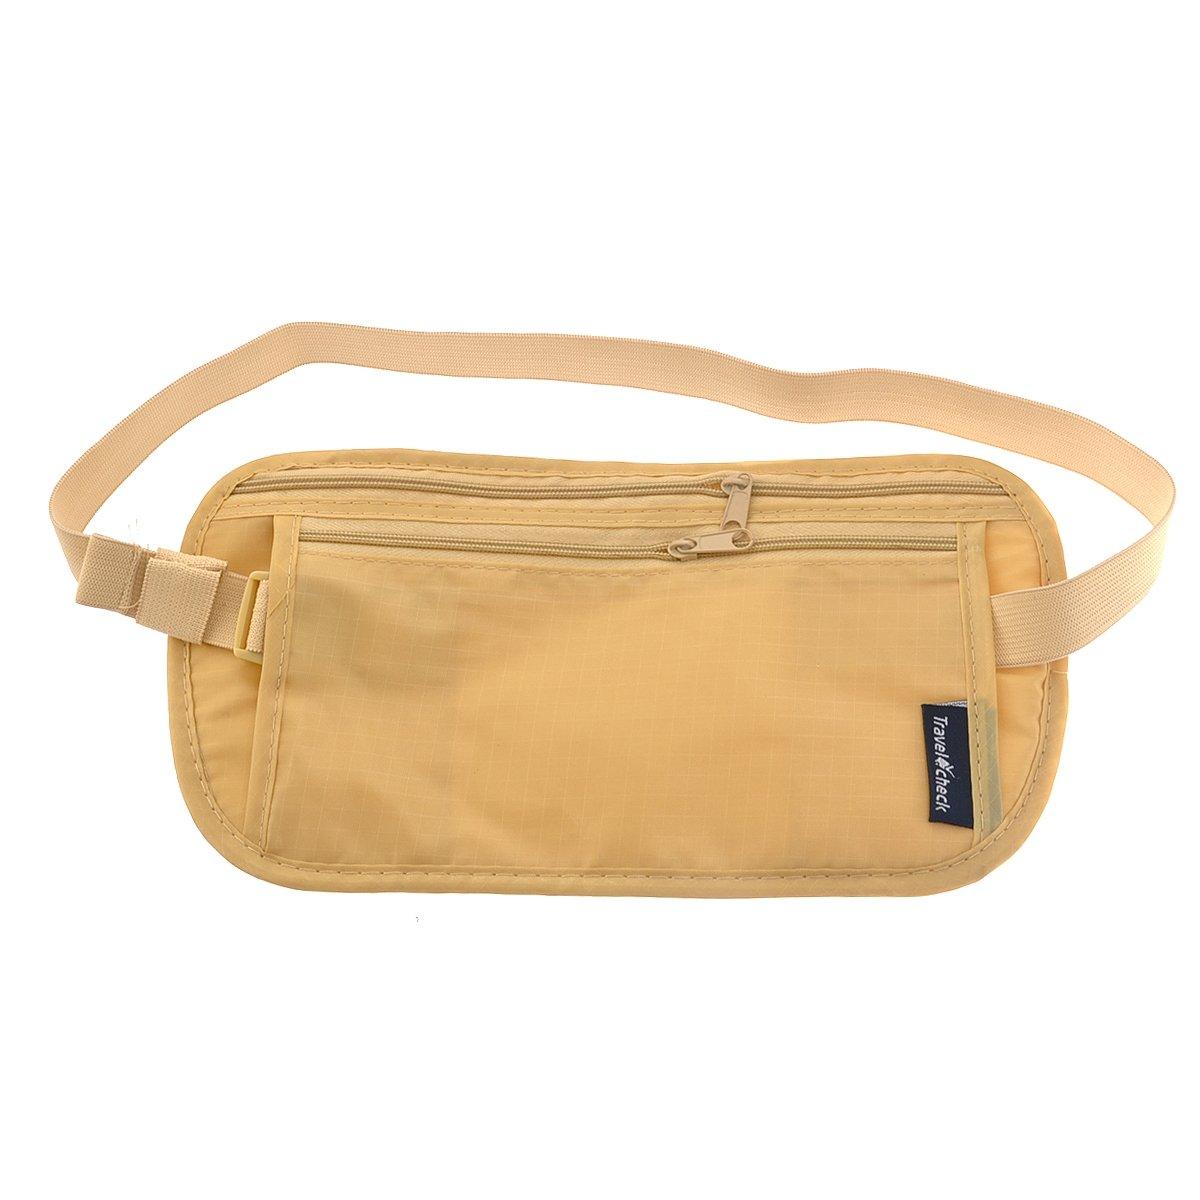 WCJ Fashion Shoulder Bag Business Casual Mens Bag Multi-Function Portable Messenger Bag Canvas Bag